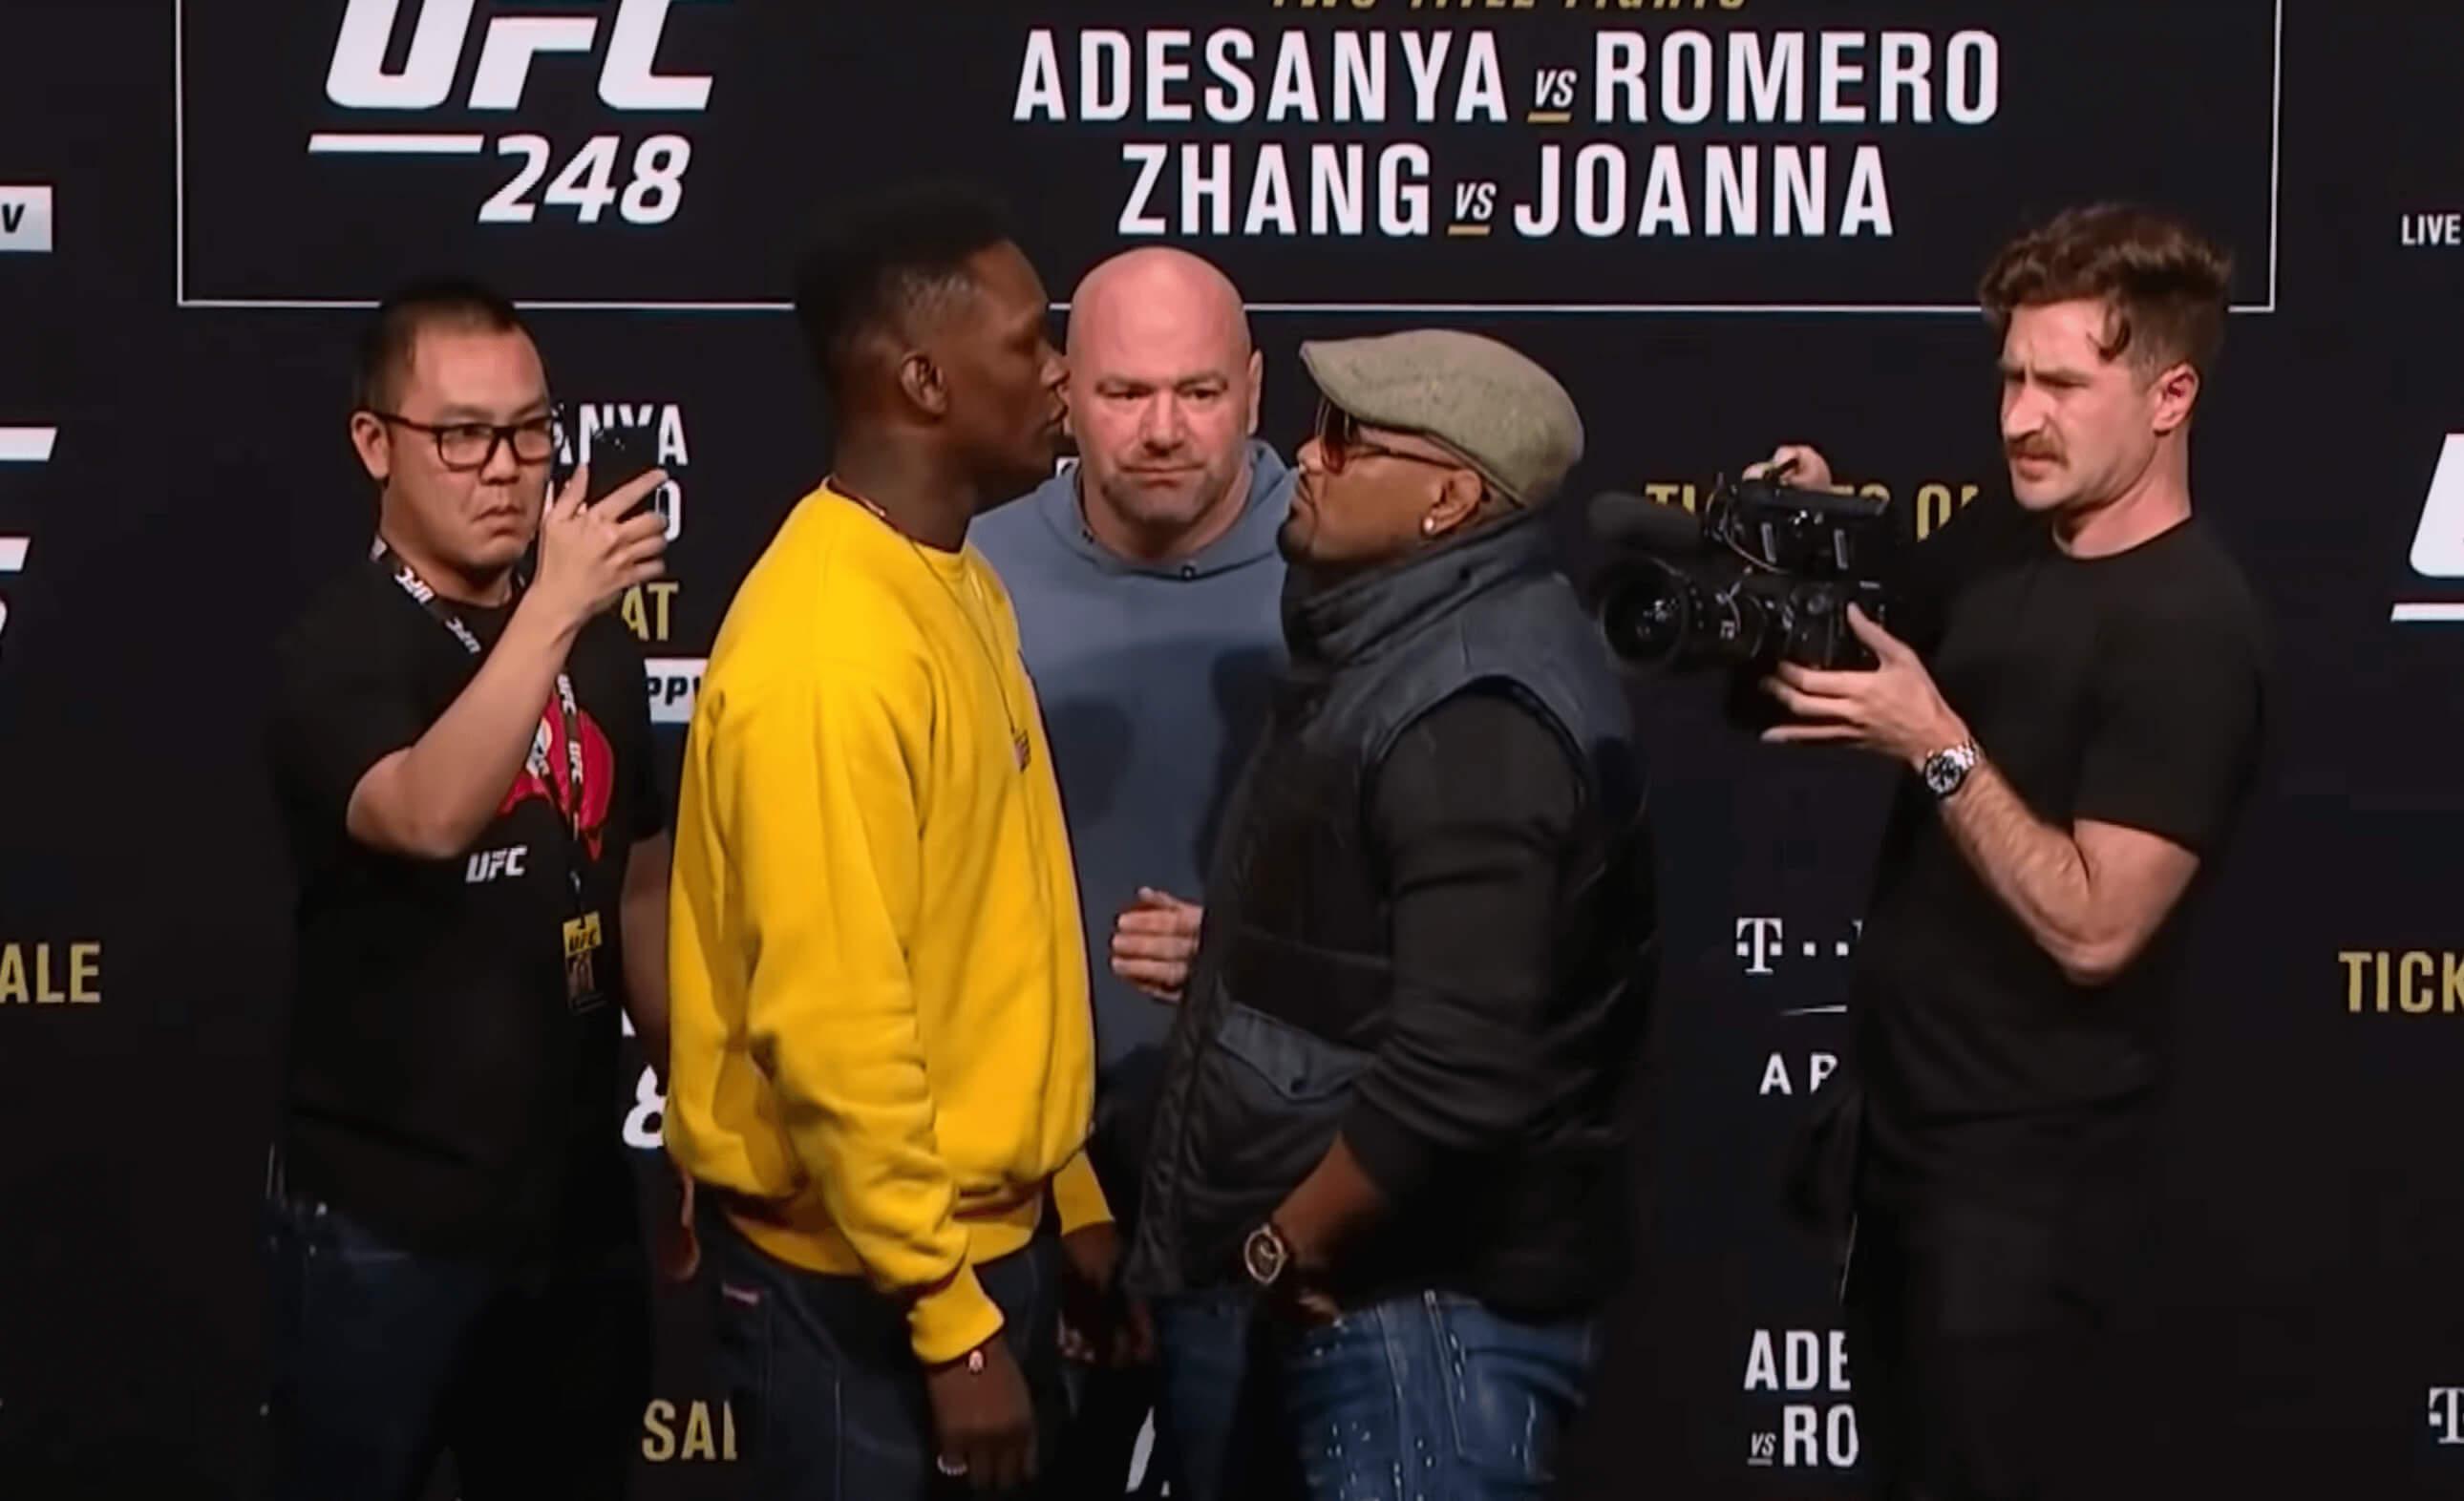 UFC248Presser1